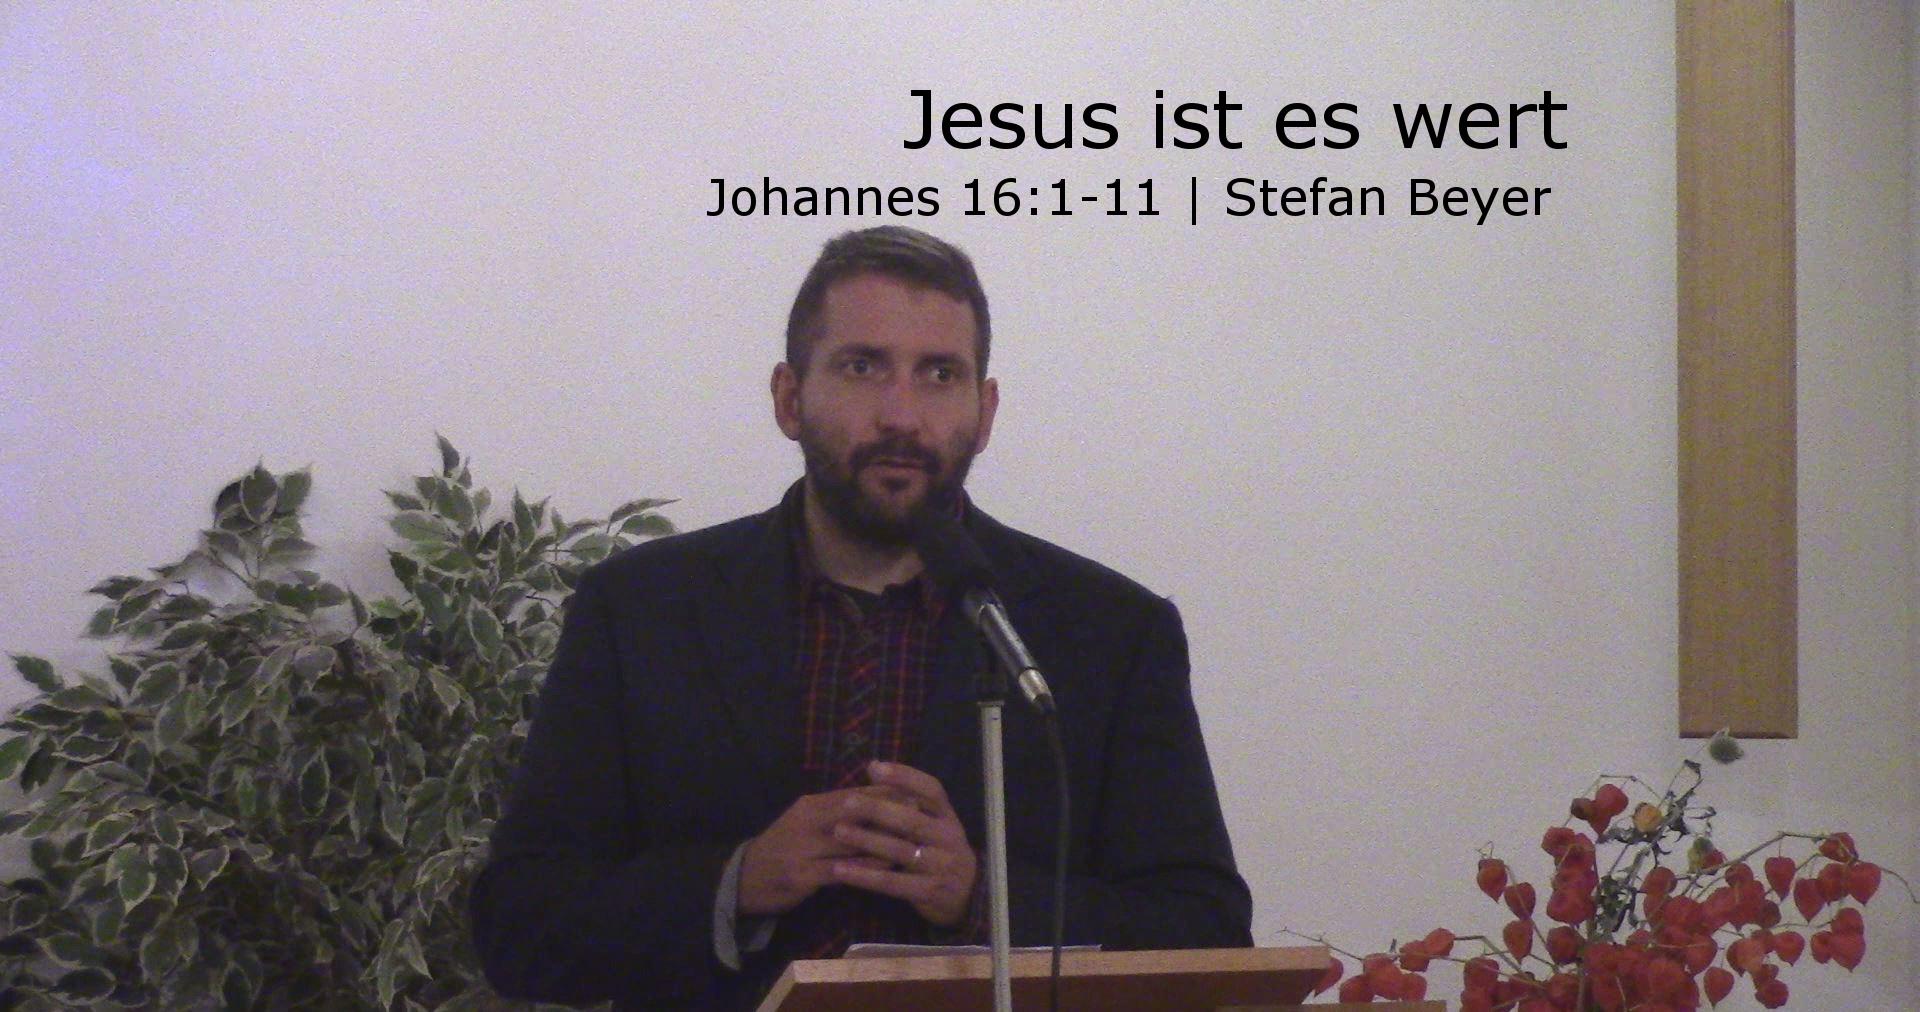 Johannes 16:1-11 – Jesus ist es wert, die Kosten der Nachfolge zu tragen